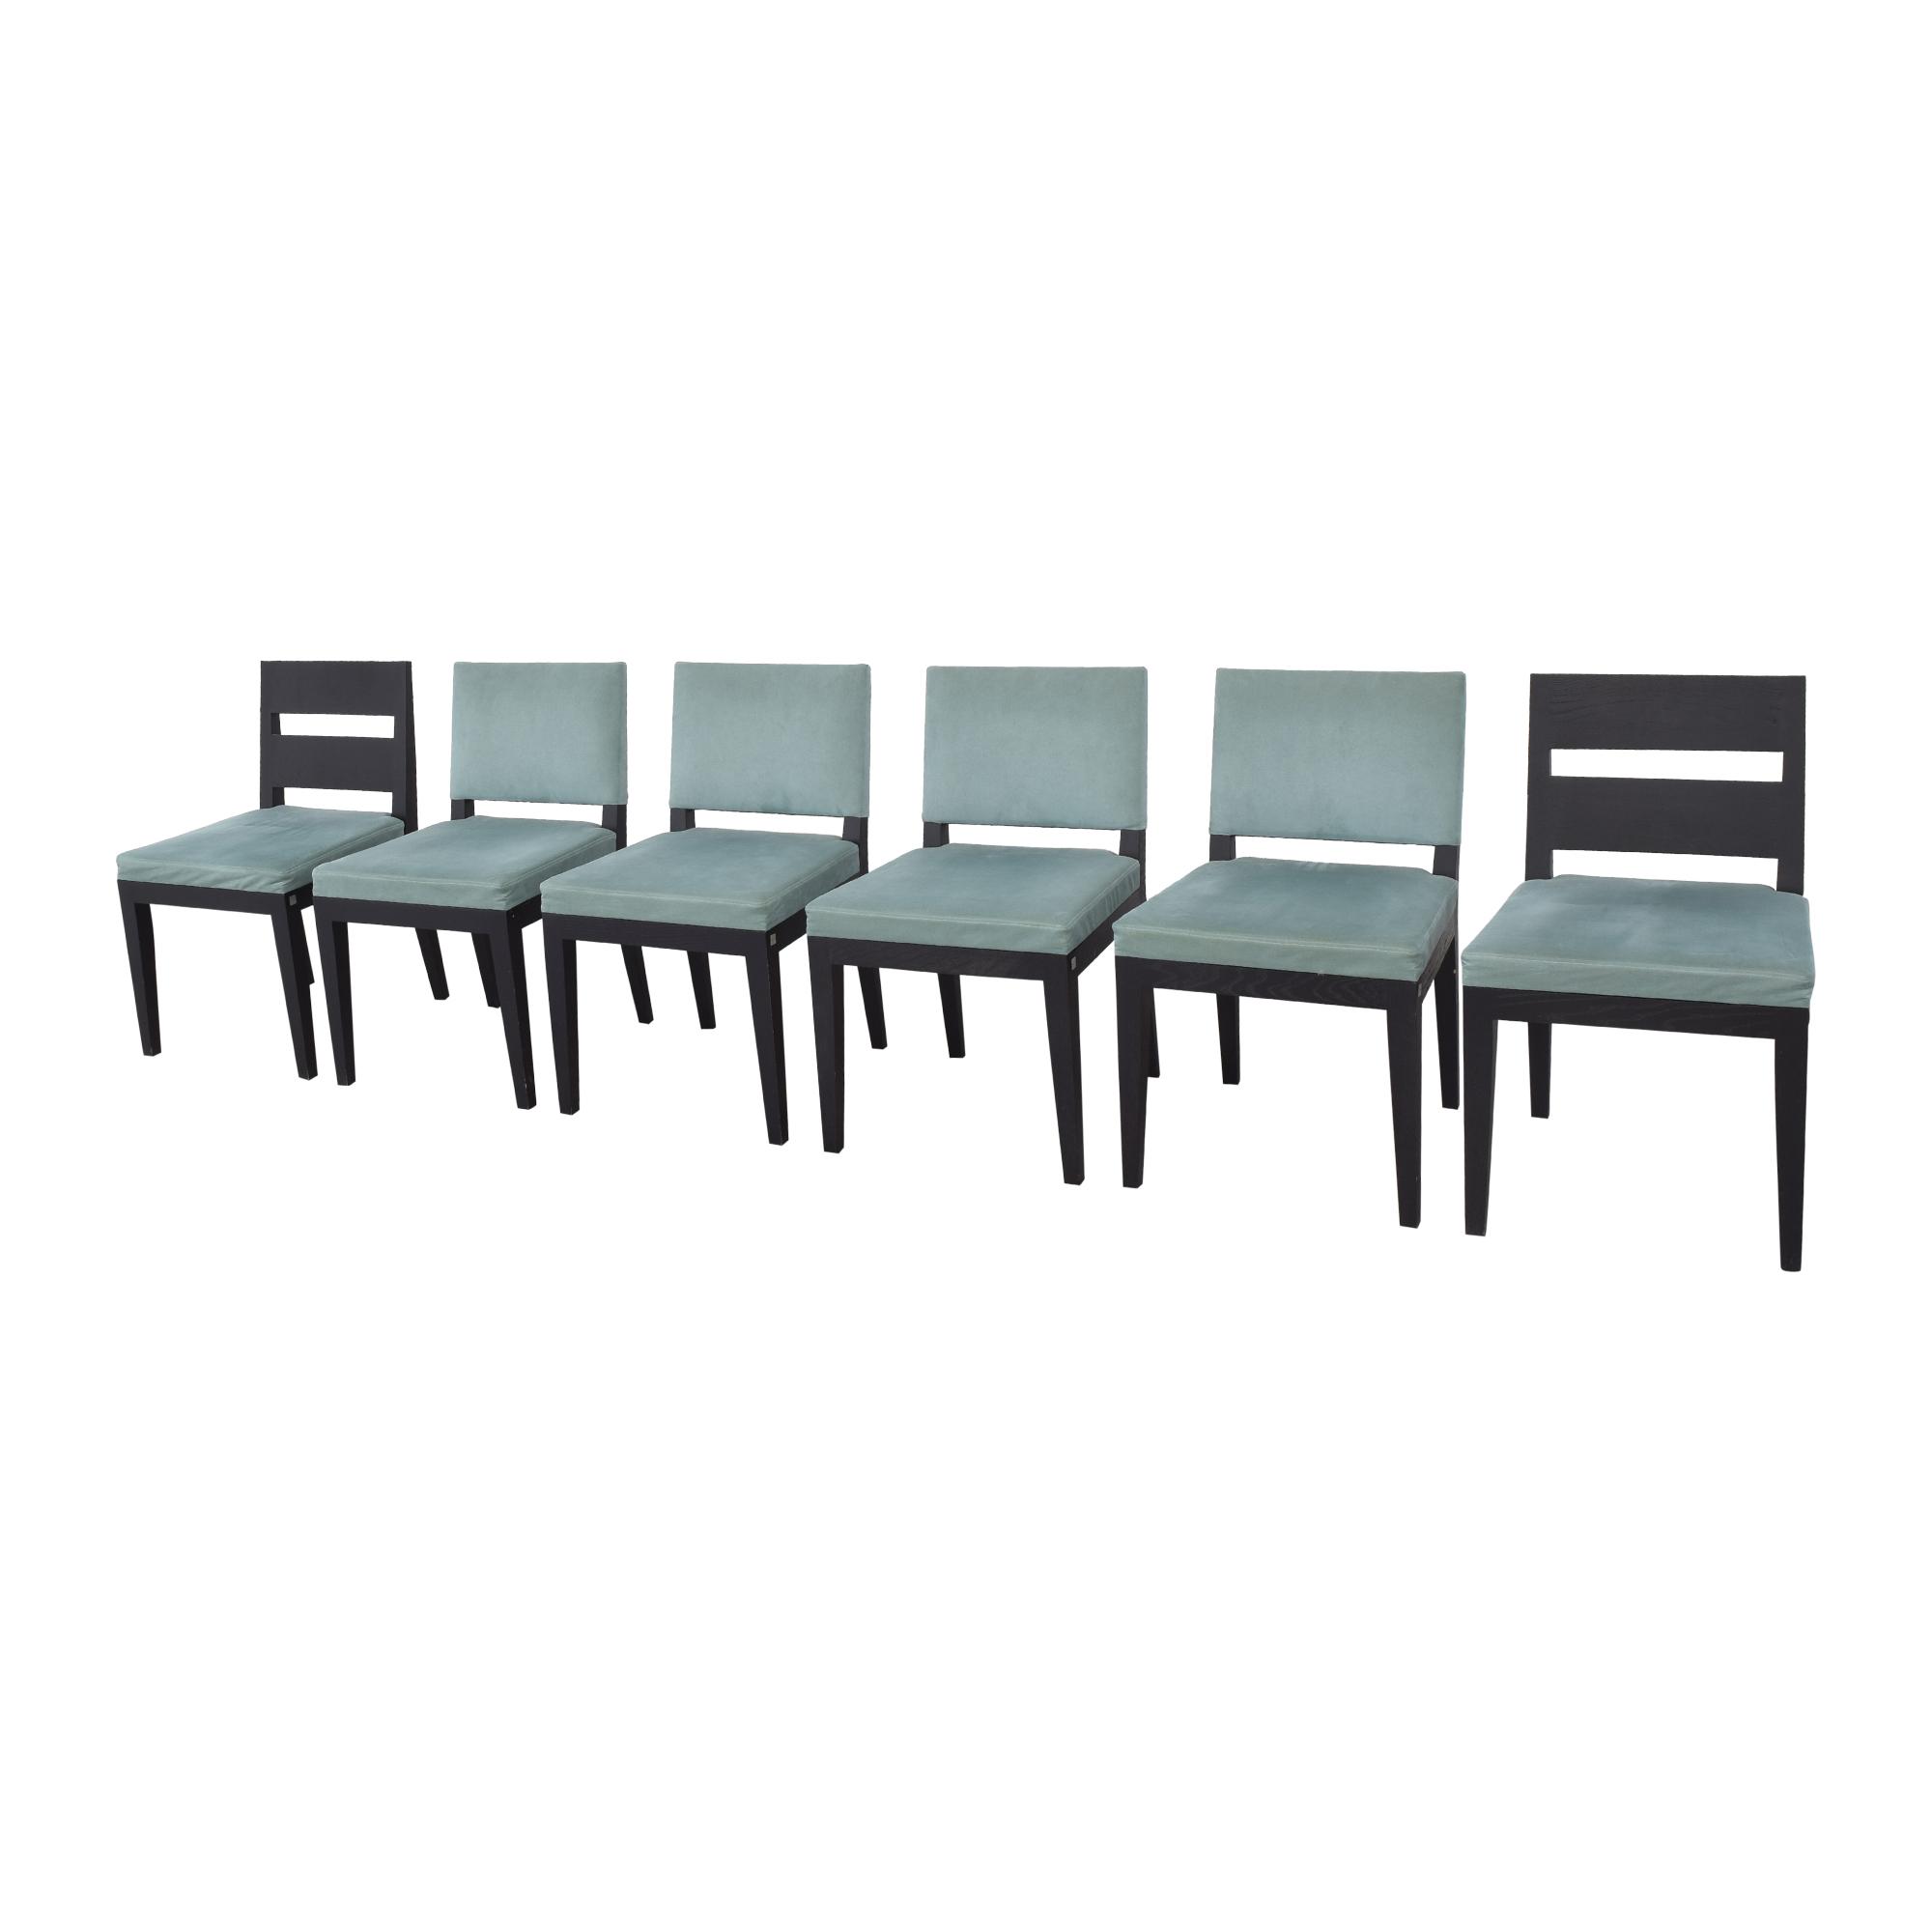 Desiron Desiron Turner Dining Chairs ct